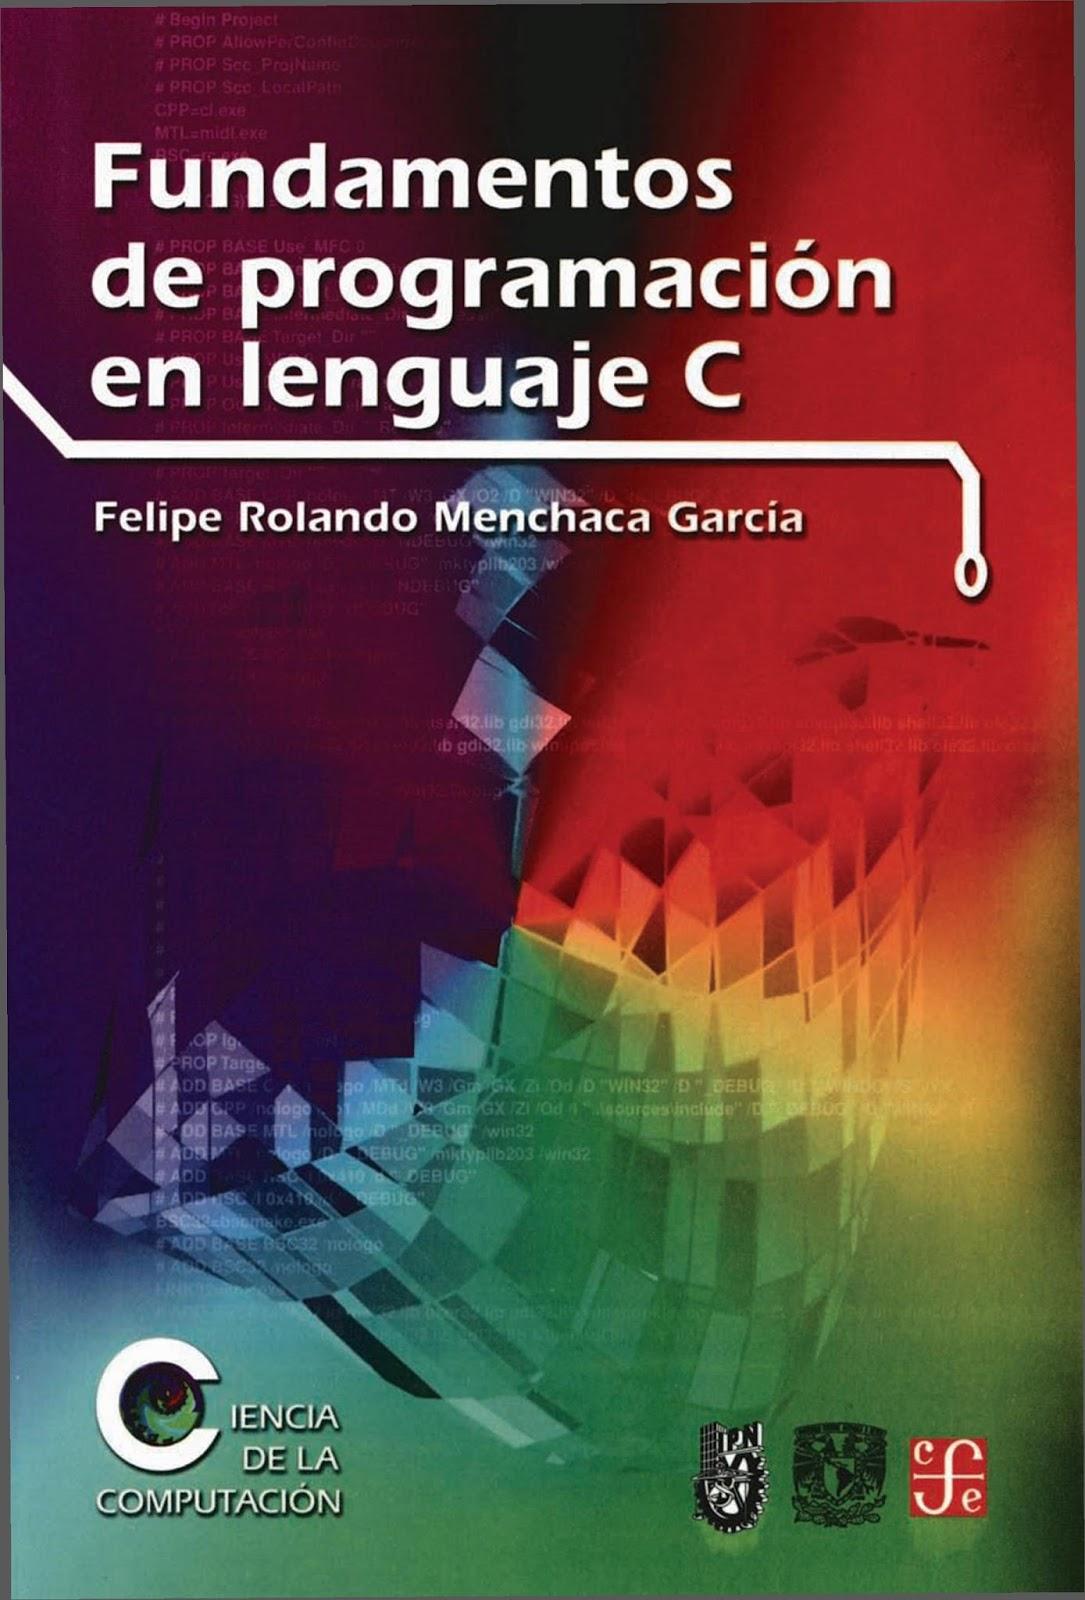 Fundamentos de programación en lenguaje C – Felipe Rolando Menchaca García